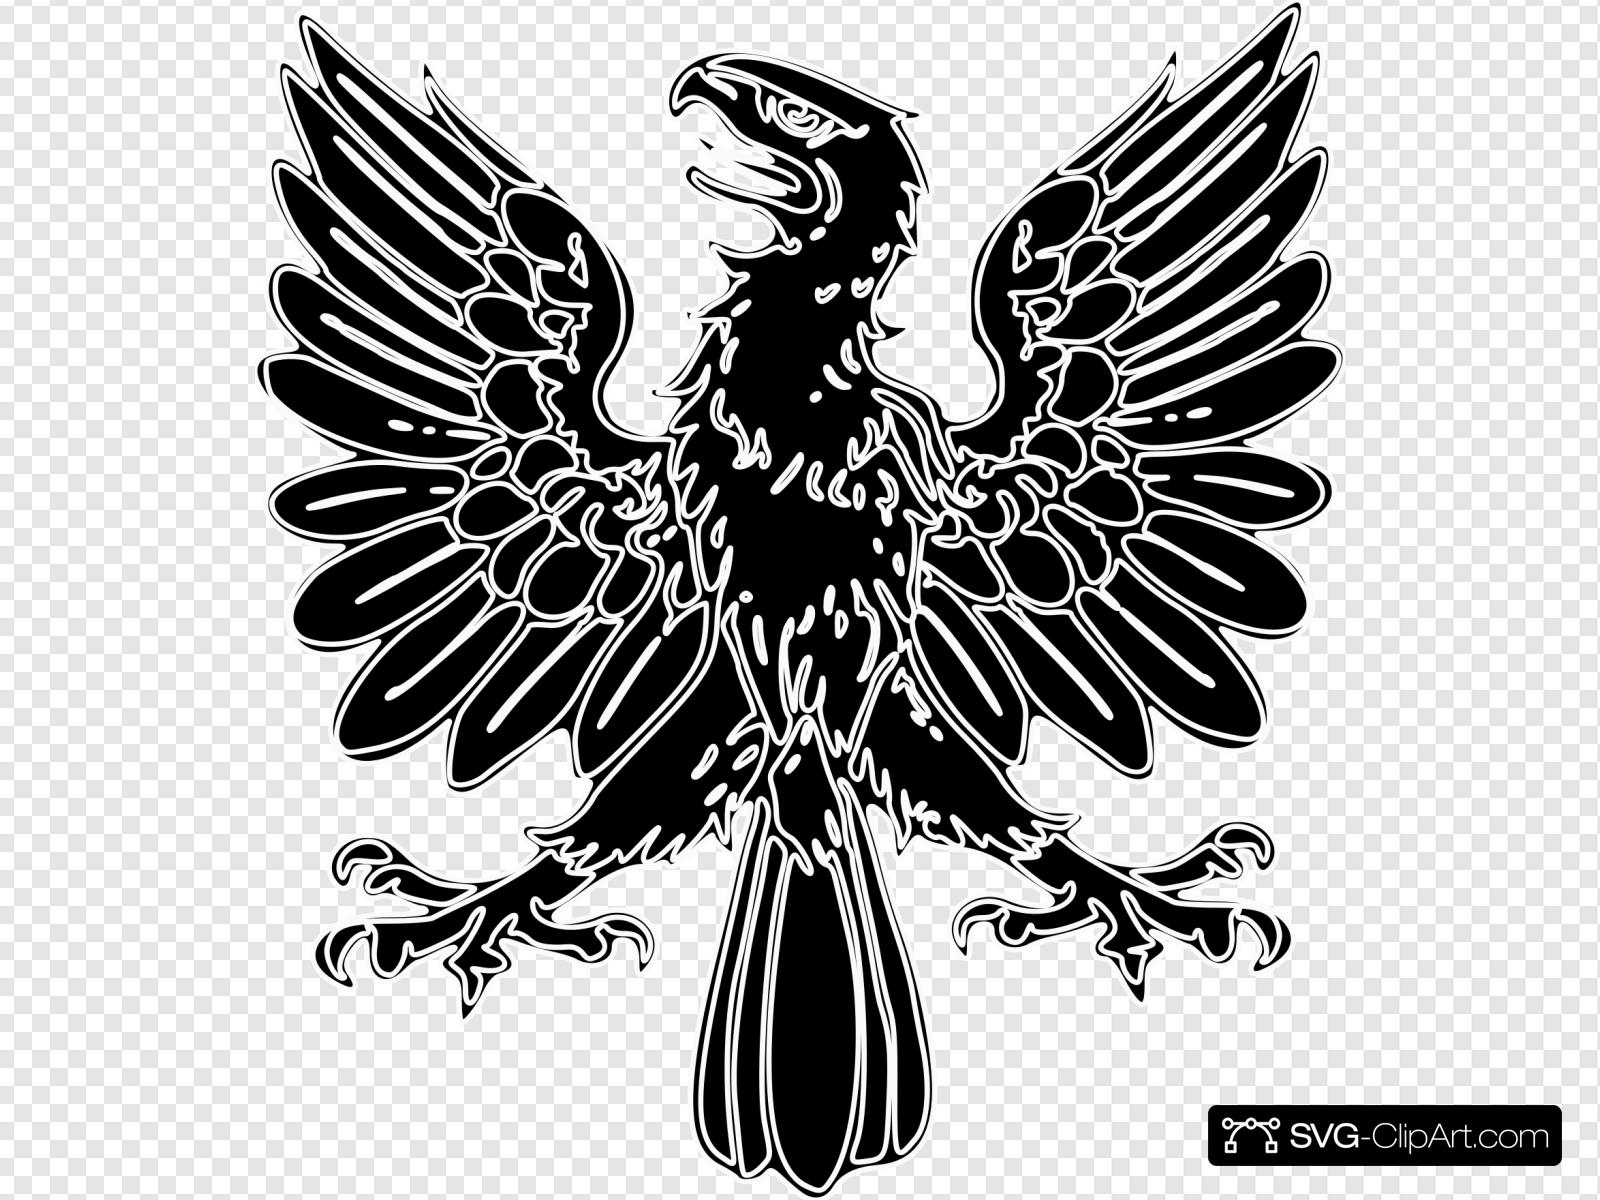 Blackhawk Clip art, Icon and SVG.